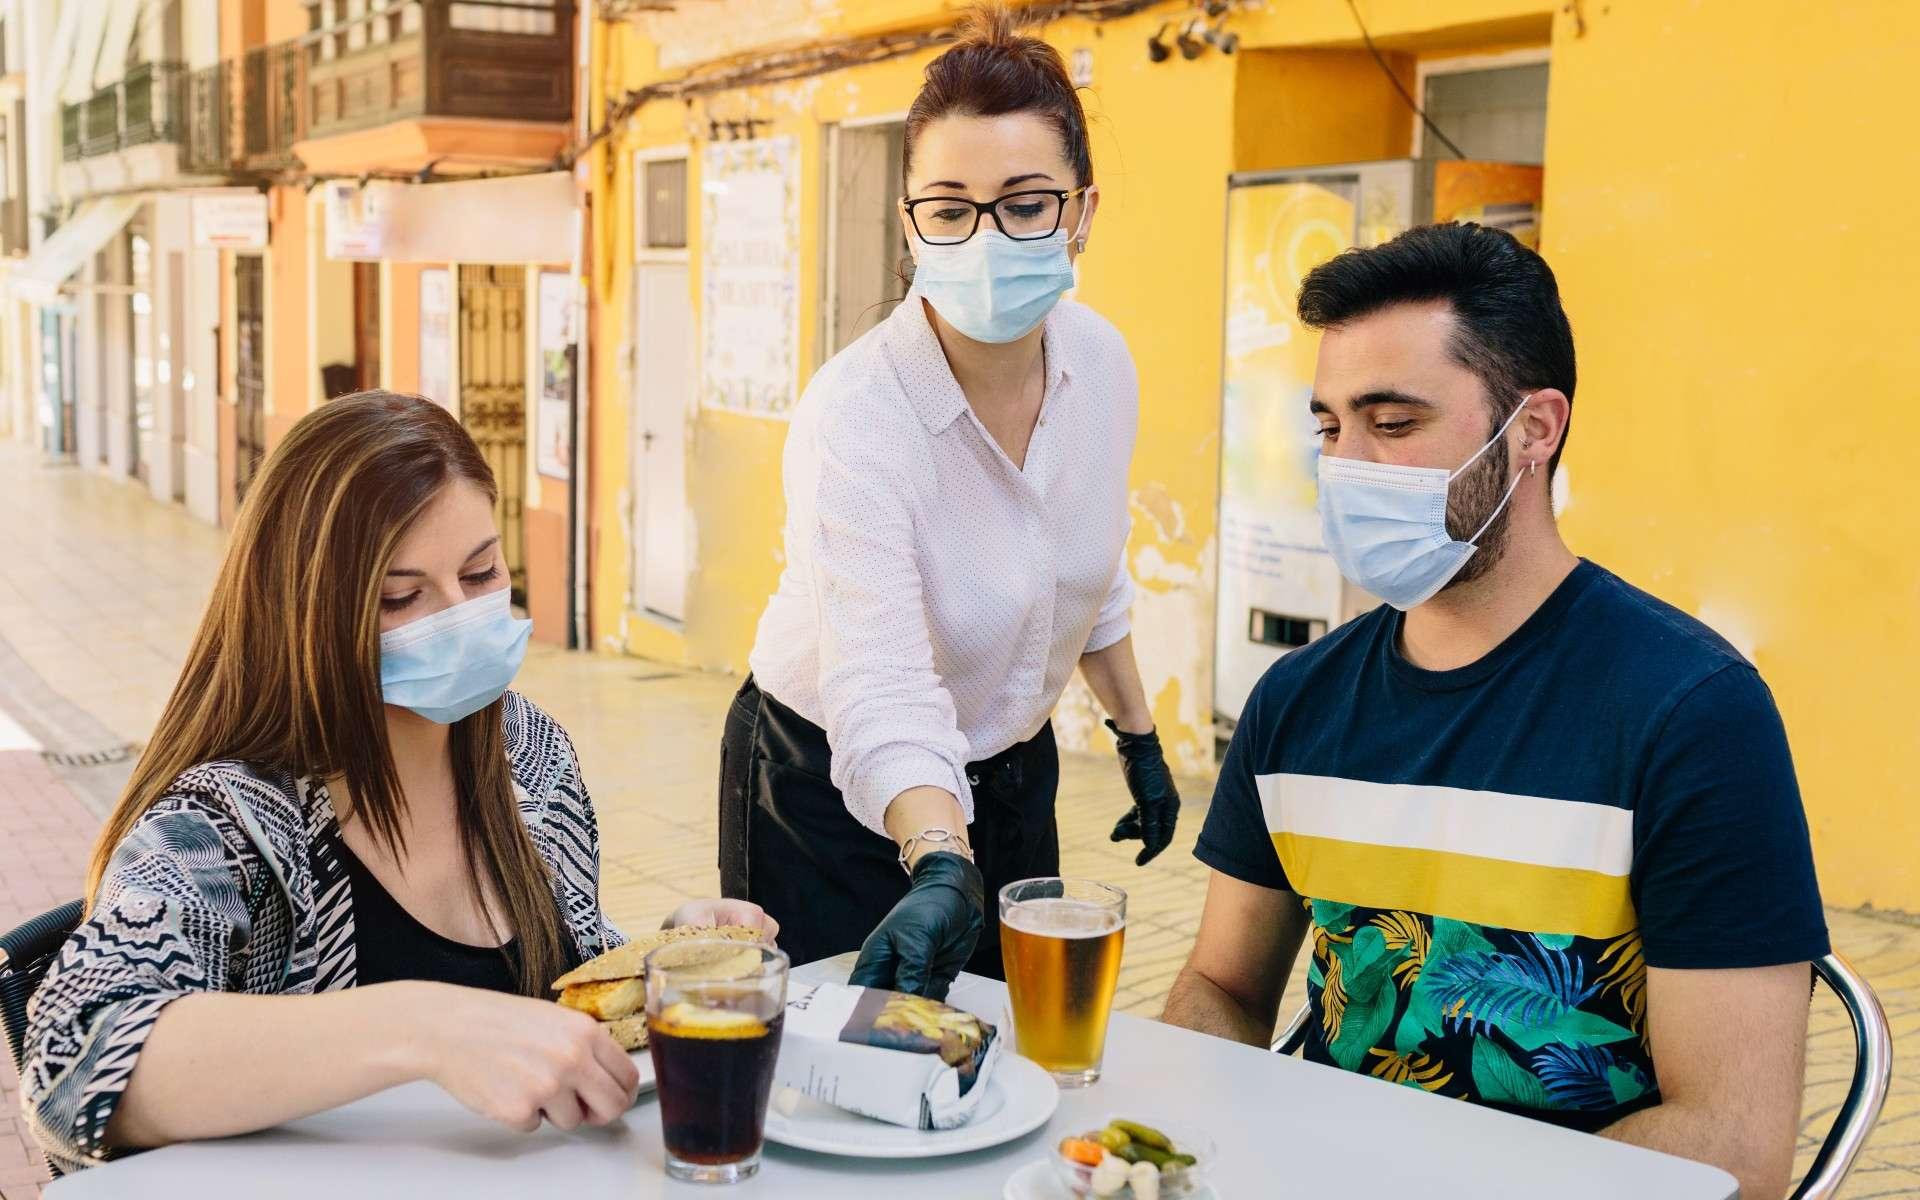 Les restaurants et cafés peuvent accueillir des clients en terrasse. Les lieux culturels, les salles de cinéma et les commerces sont à nouveau ouverts. © pedrotalens.com, Adobe Stock